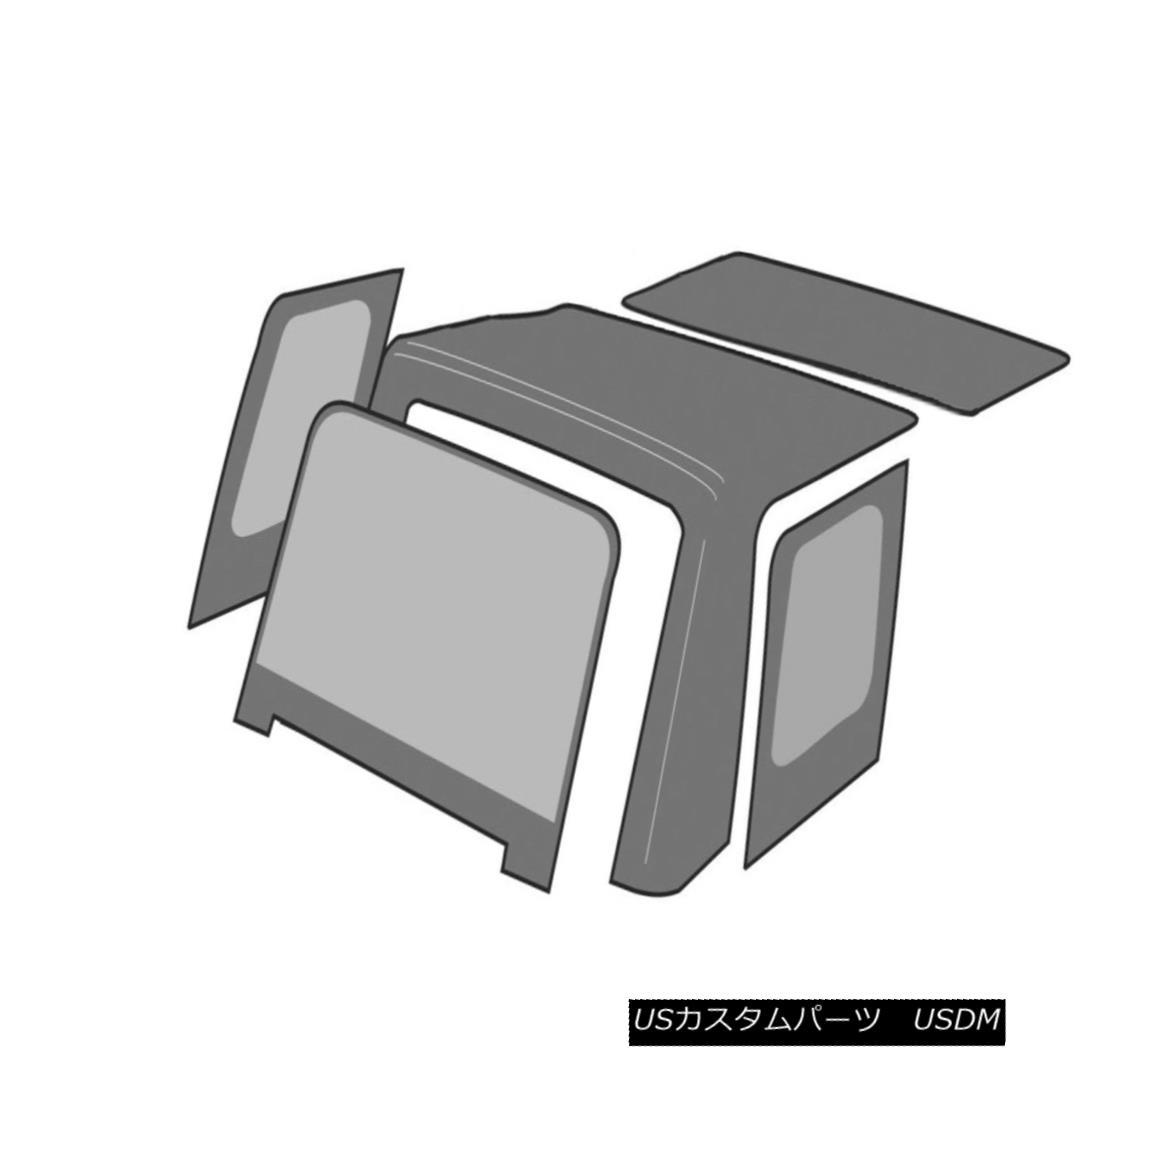 幌・ソフトトップ Rampage 99335 Factory Replacement Soft Top TJ (Canadian) WRANGLER (97-06TJ) ランペイジ99335工場交換ソフトトップTJ(カナダ)WRANGLER(97-06TJ)